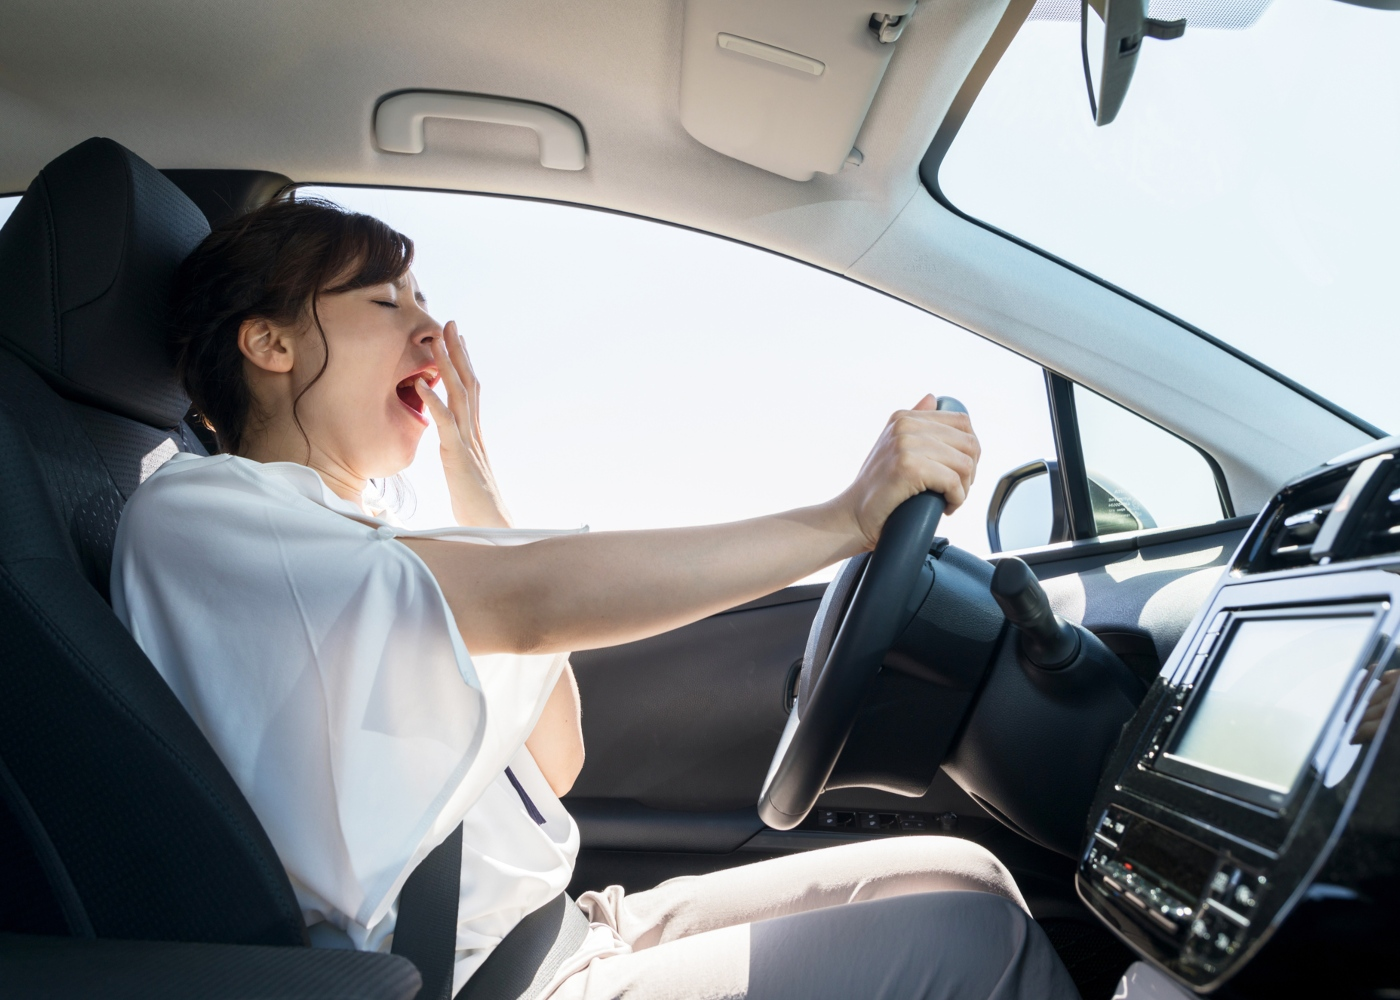 Consequências da falta de descanso: mulher a conduzir com sono